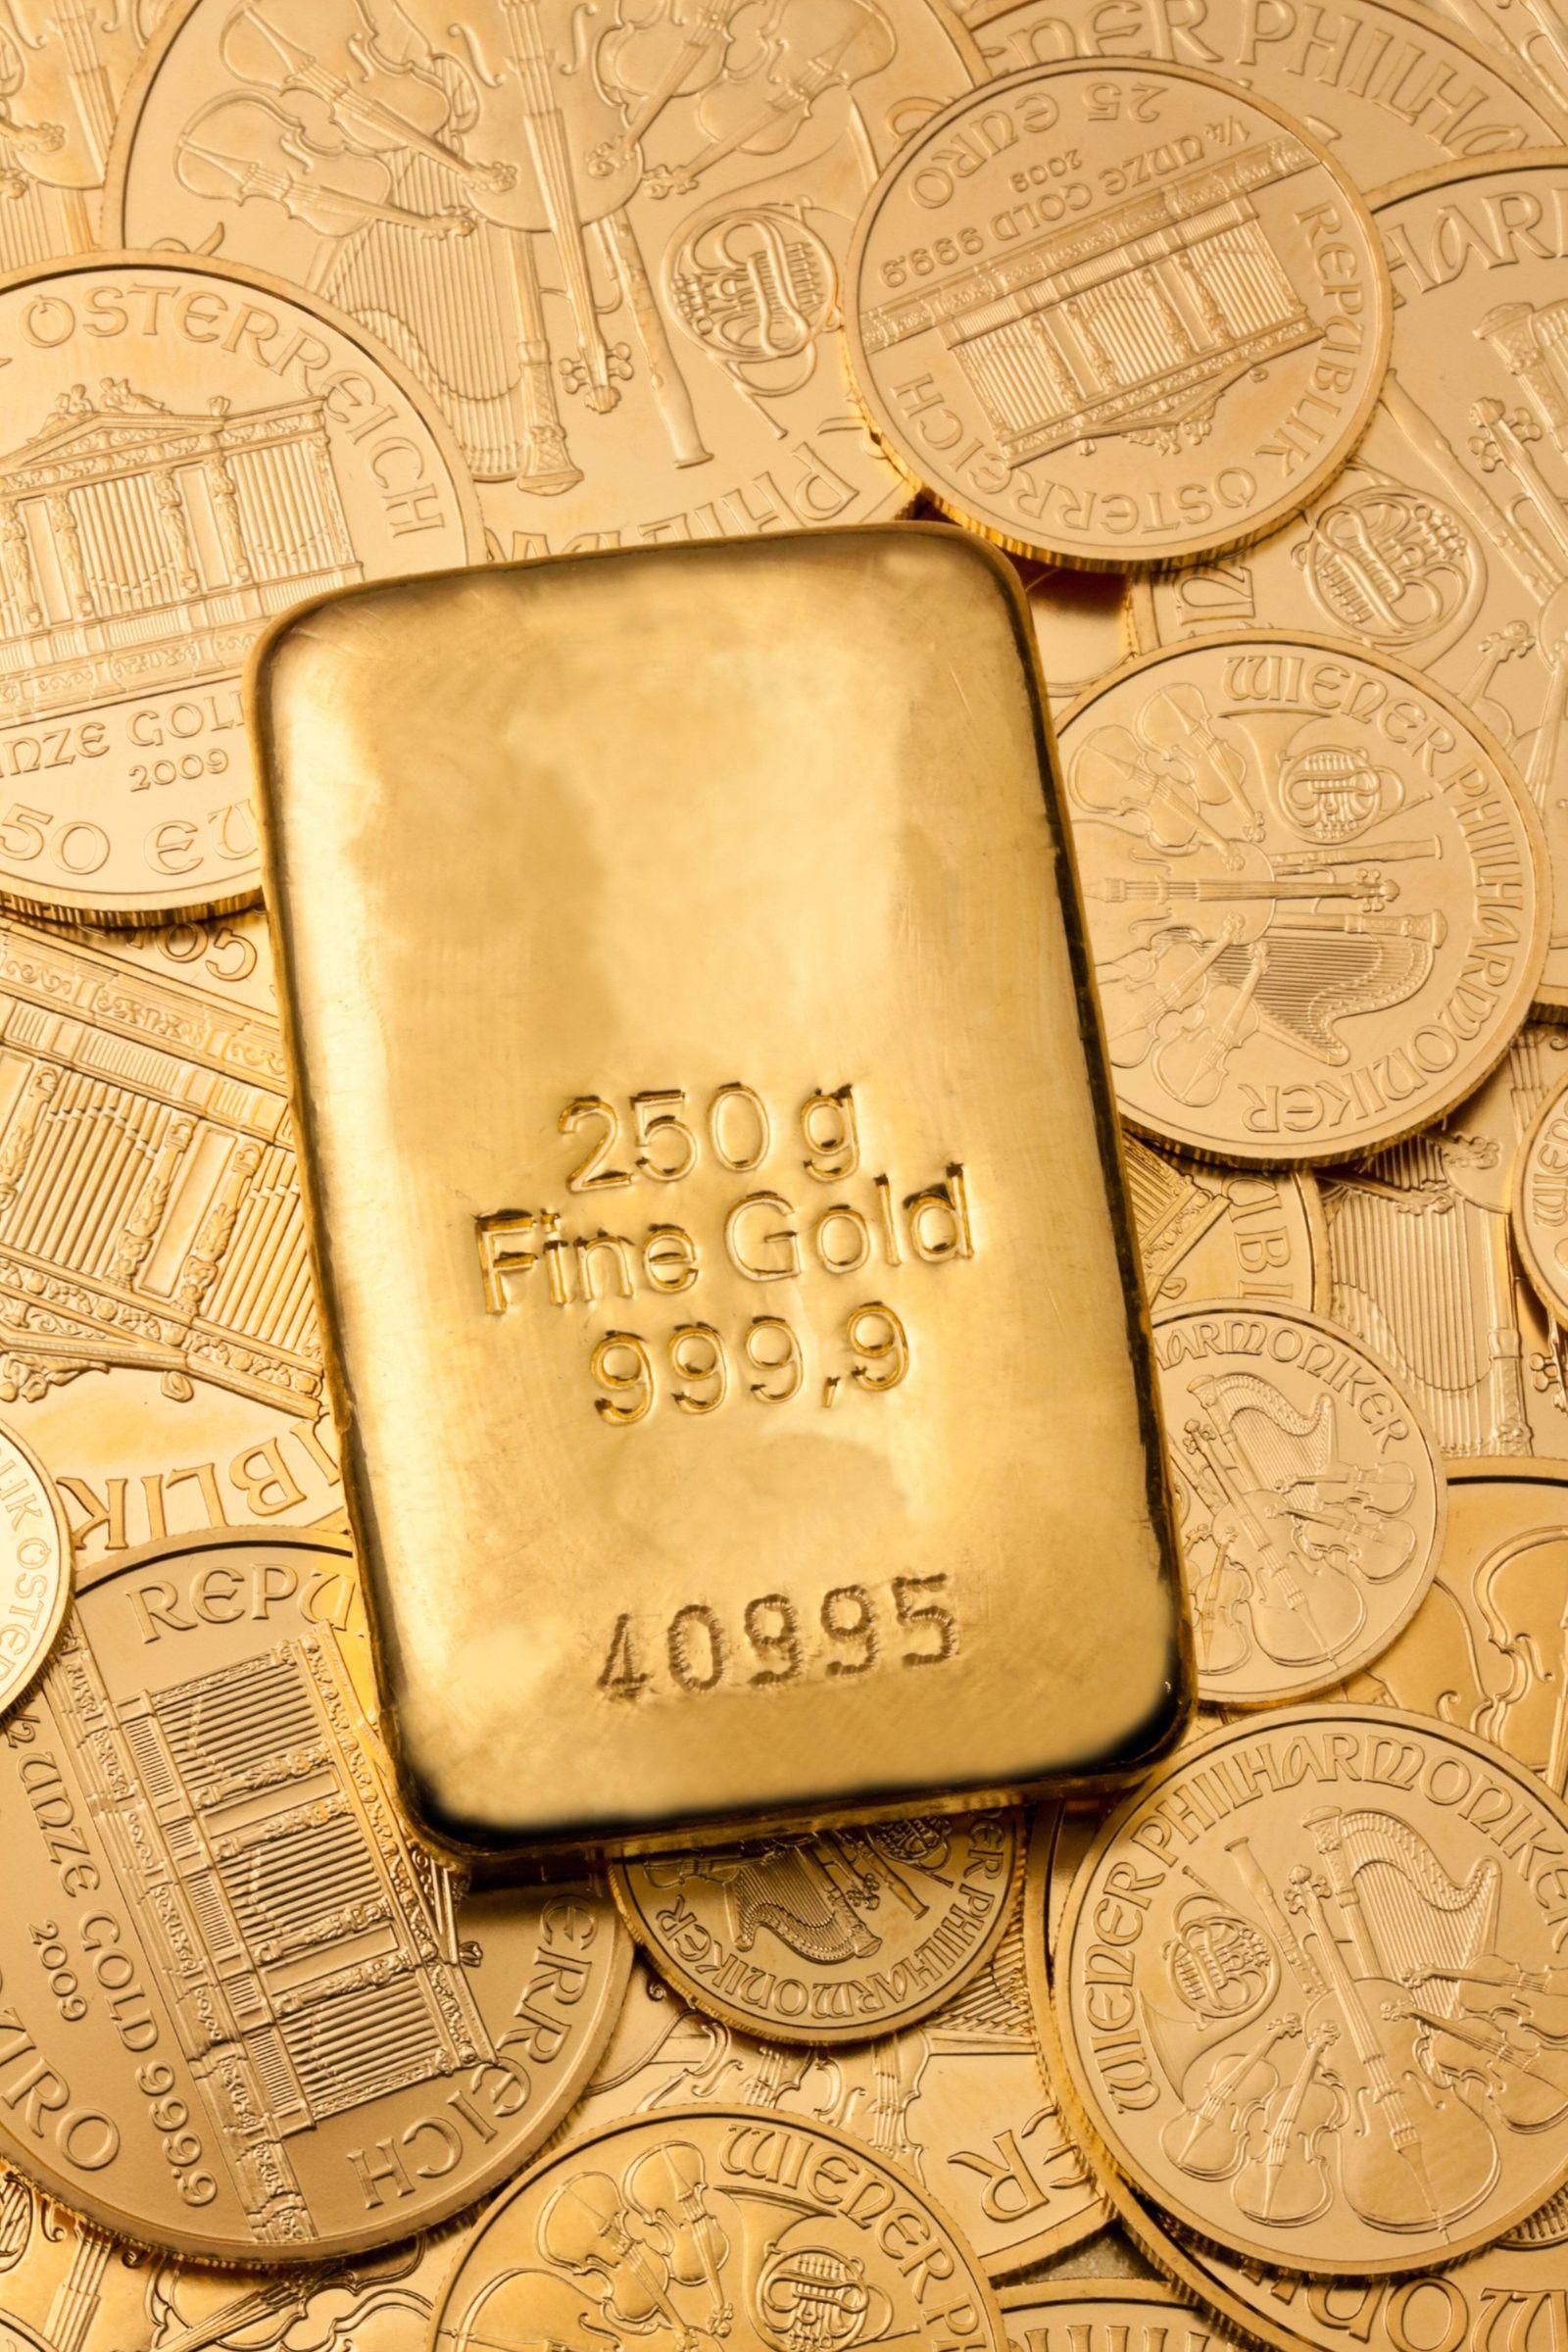 Geldanlage in echtem Gold als Goldbarren und Goldm BLWX020866 Copyright xblickwinkel McPhotox Erwin